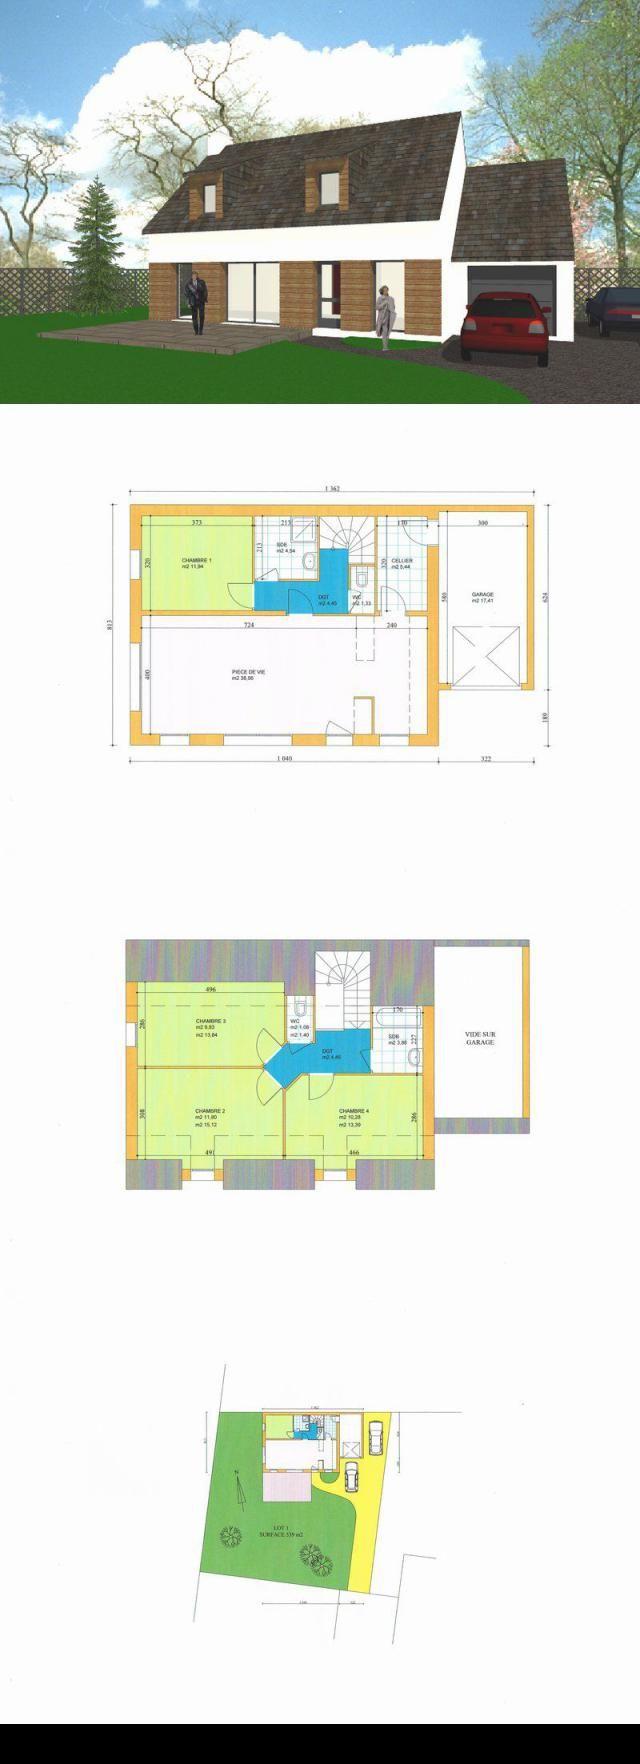 Maison 5 pieces 118 m2 st pierre quiberon proche centre village proche centre commerces et